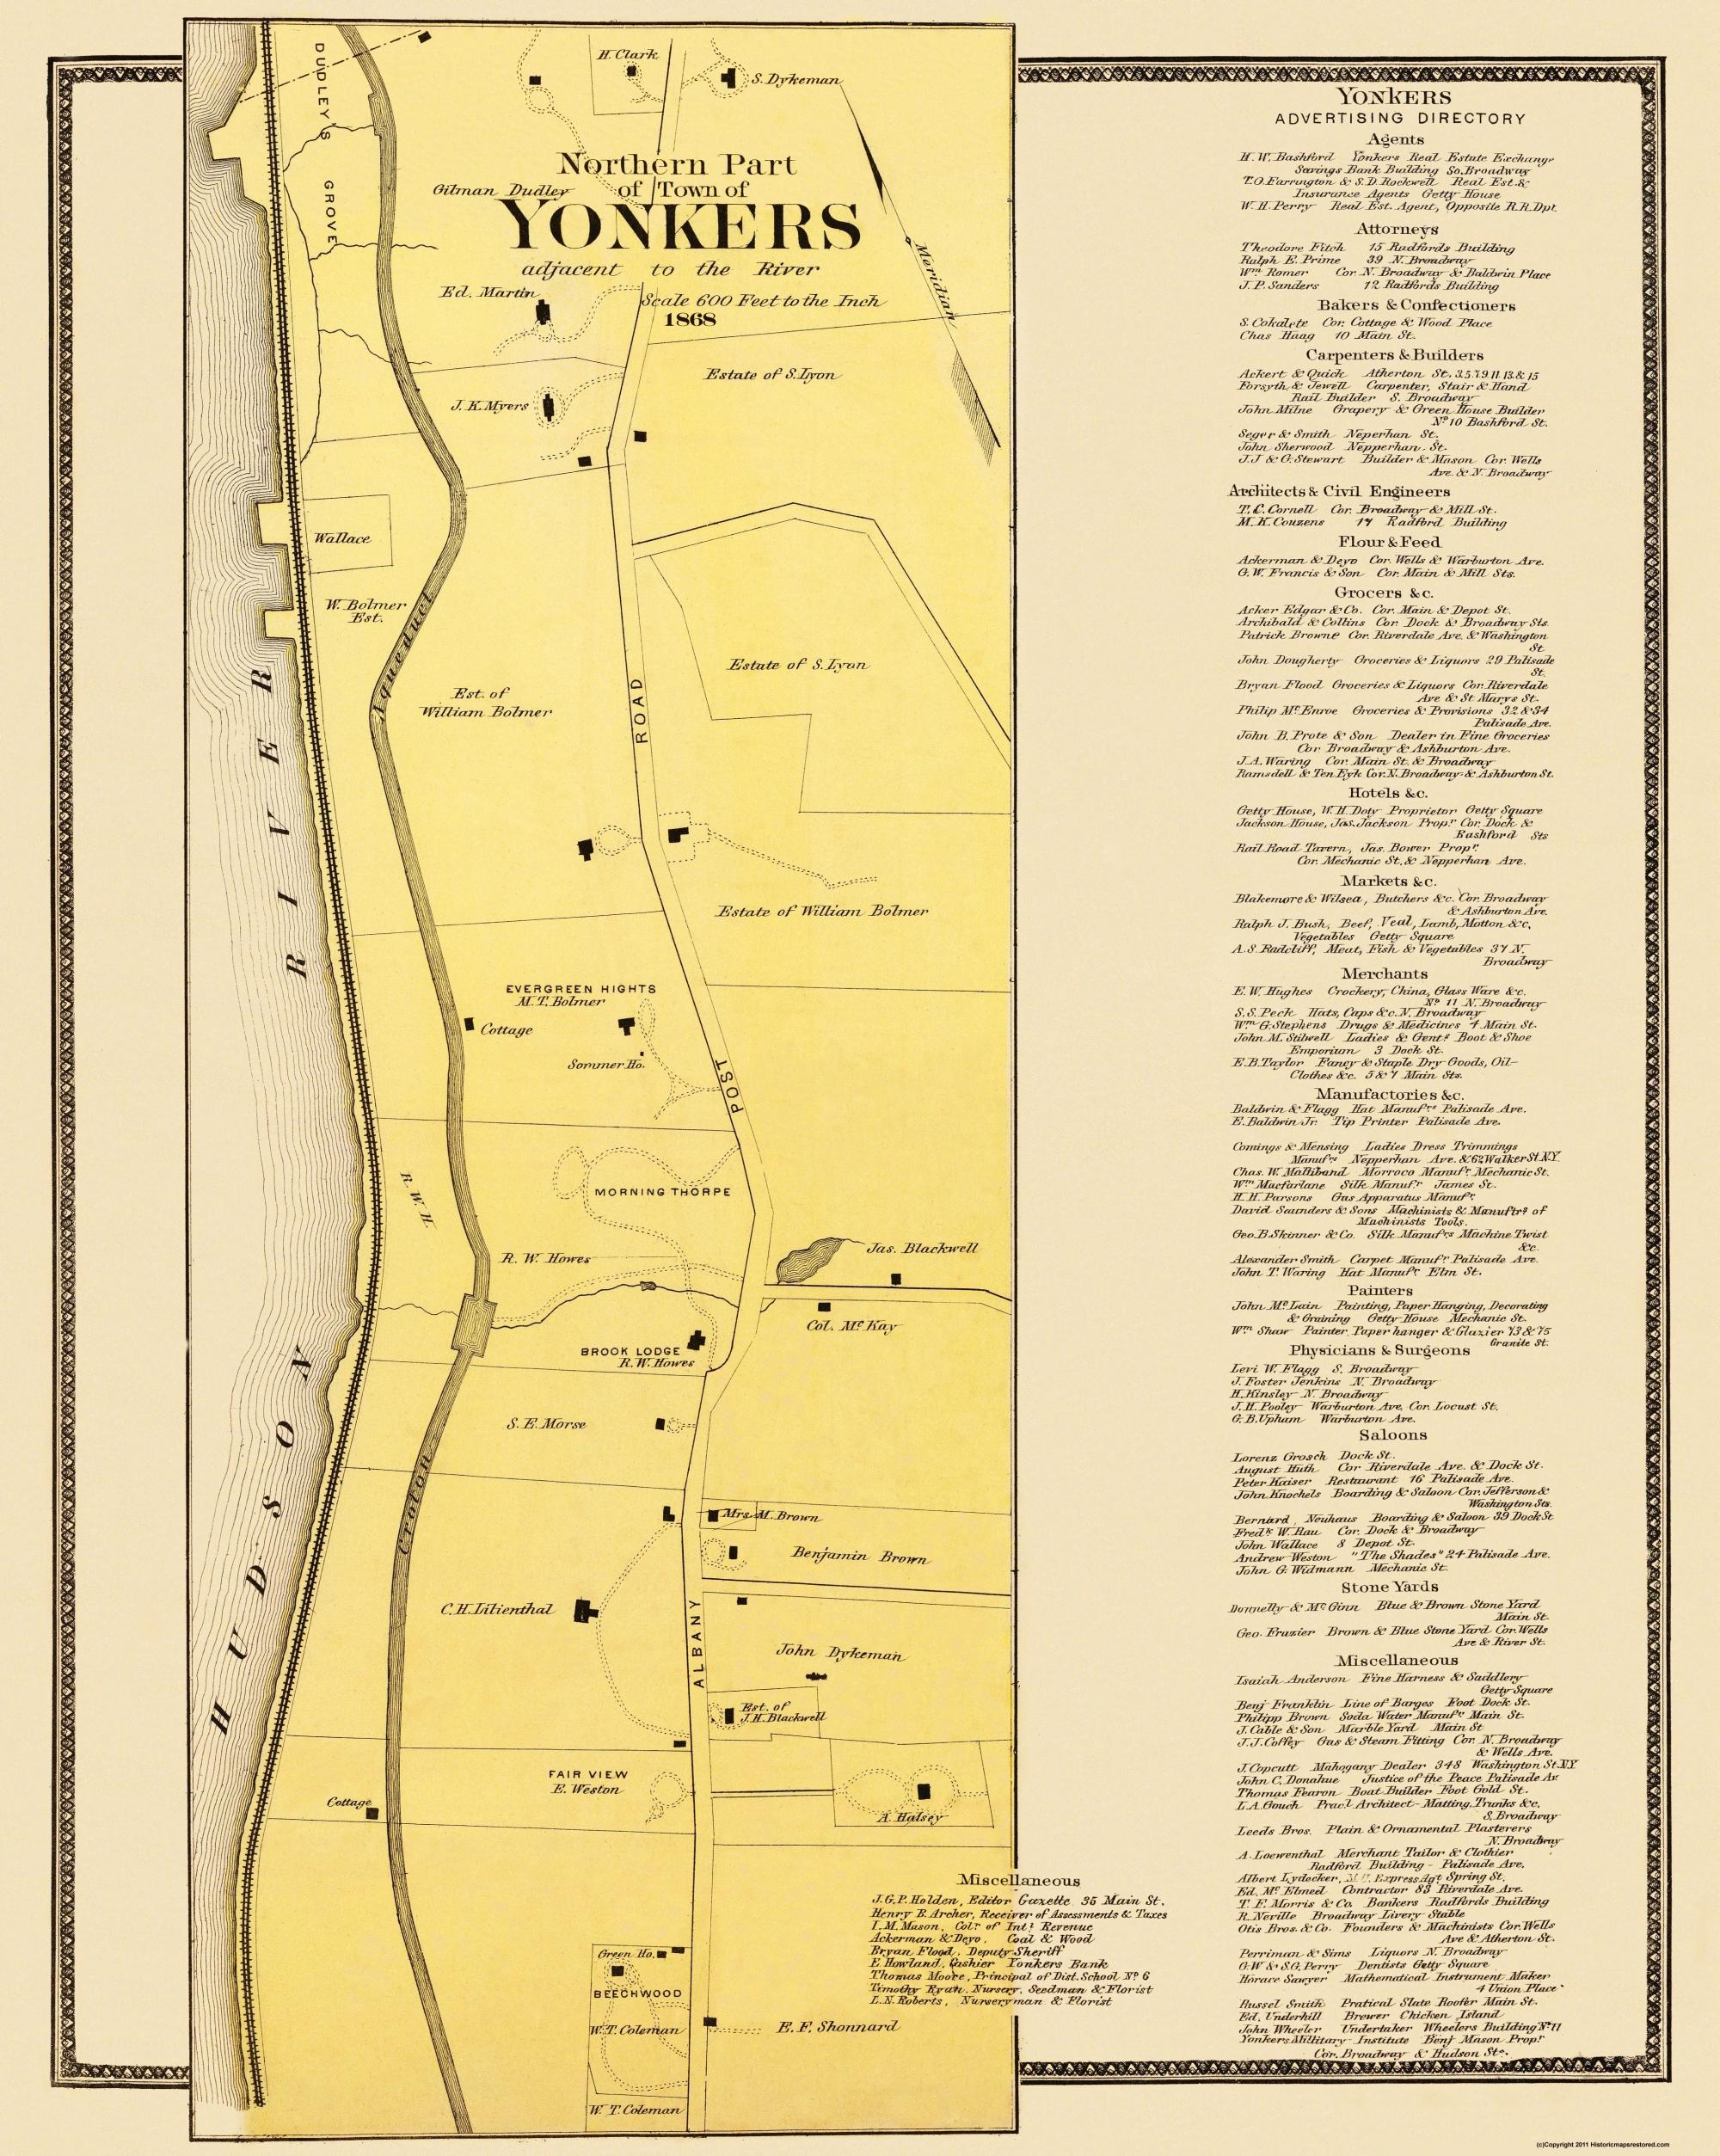 Map Of Northern New York.Yonkers Northern New York Landowner Beers 1868 23 X 28 81